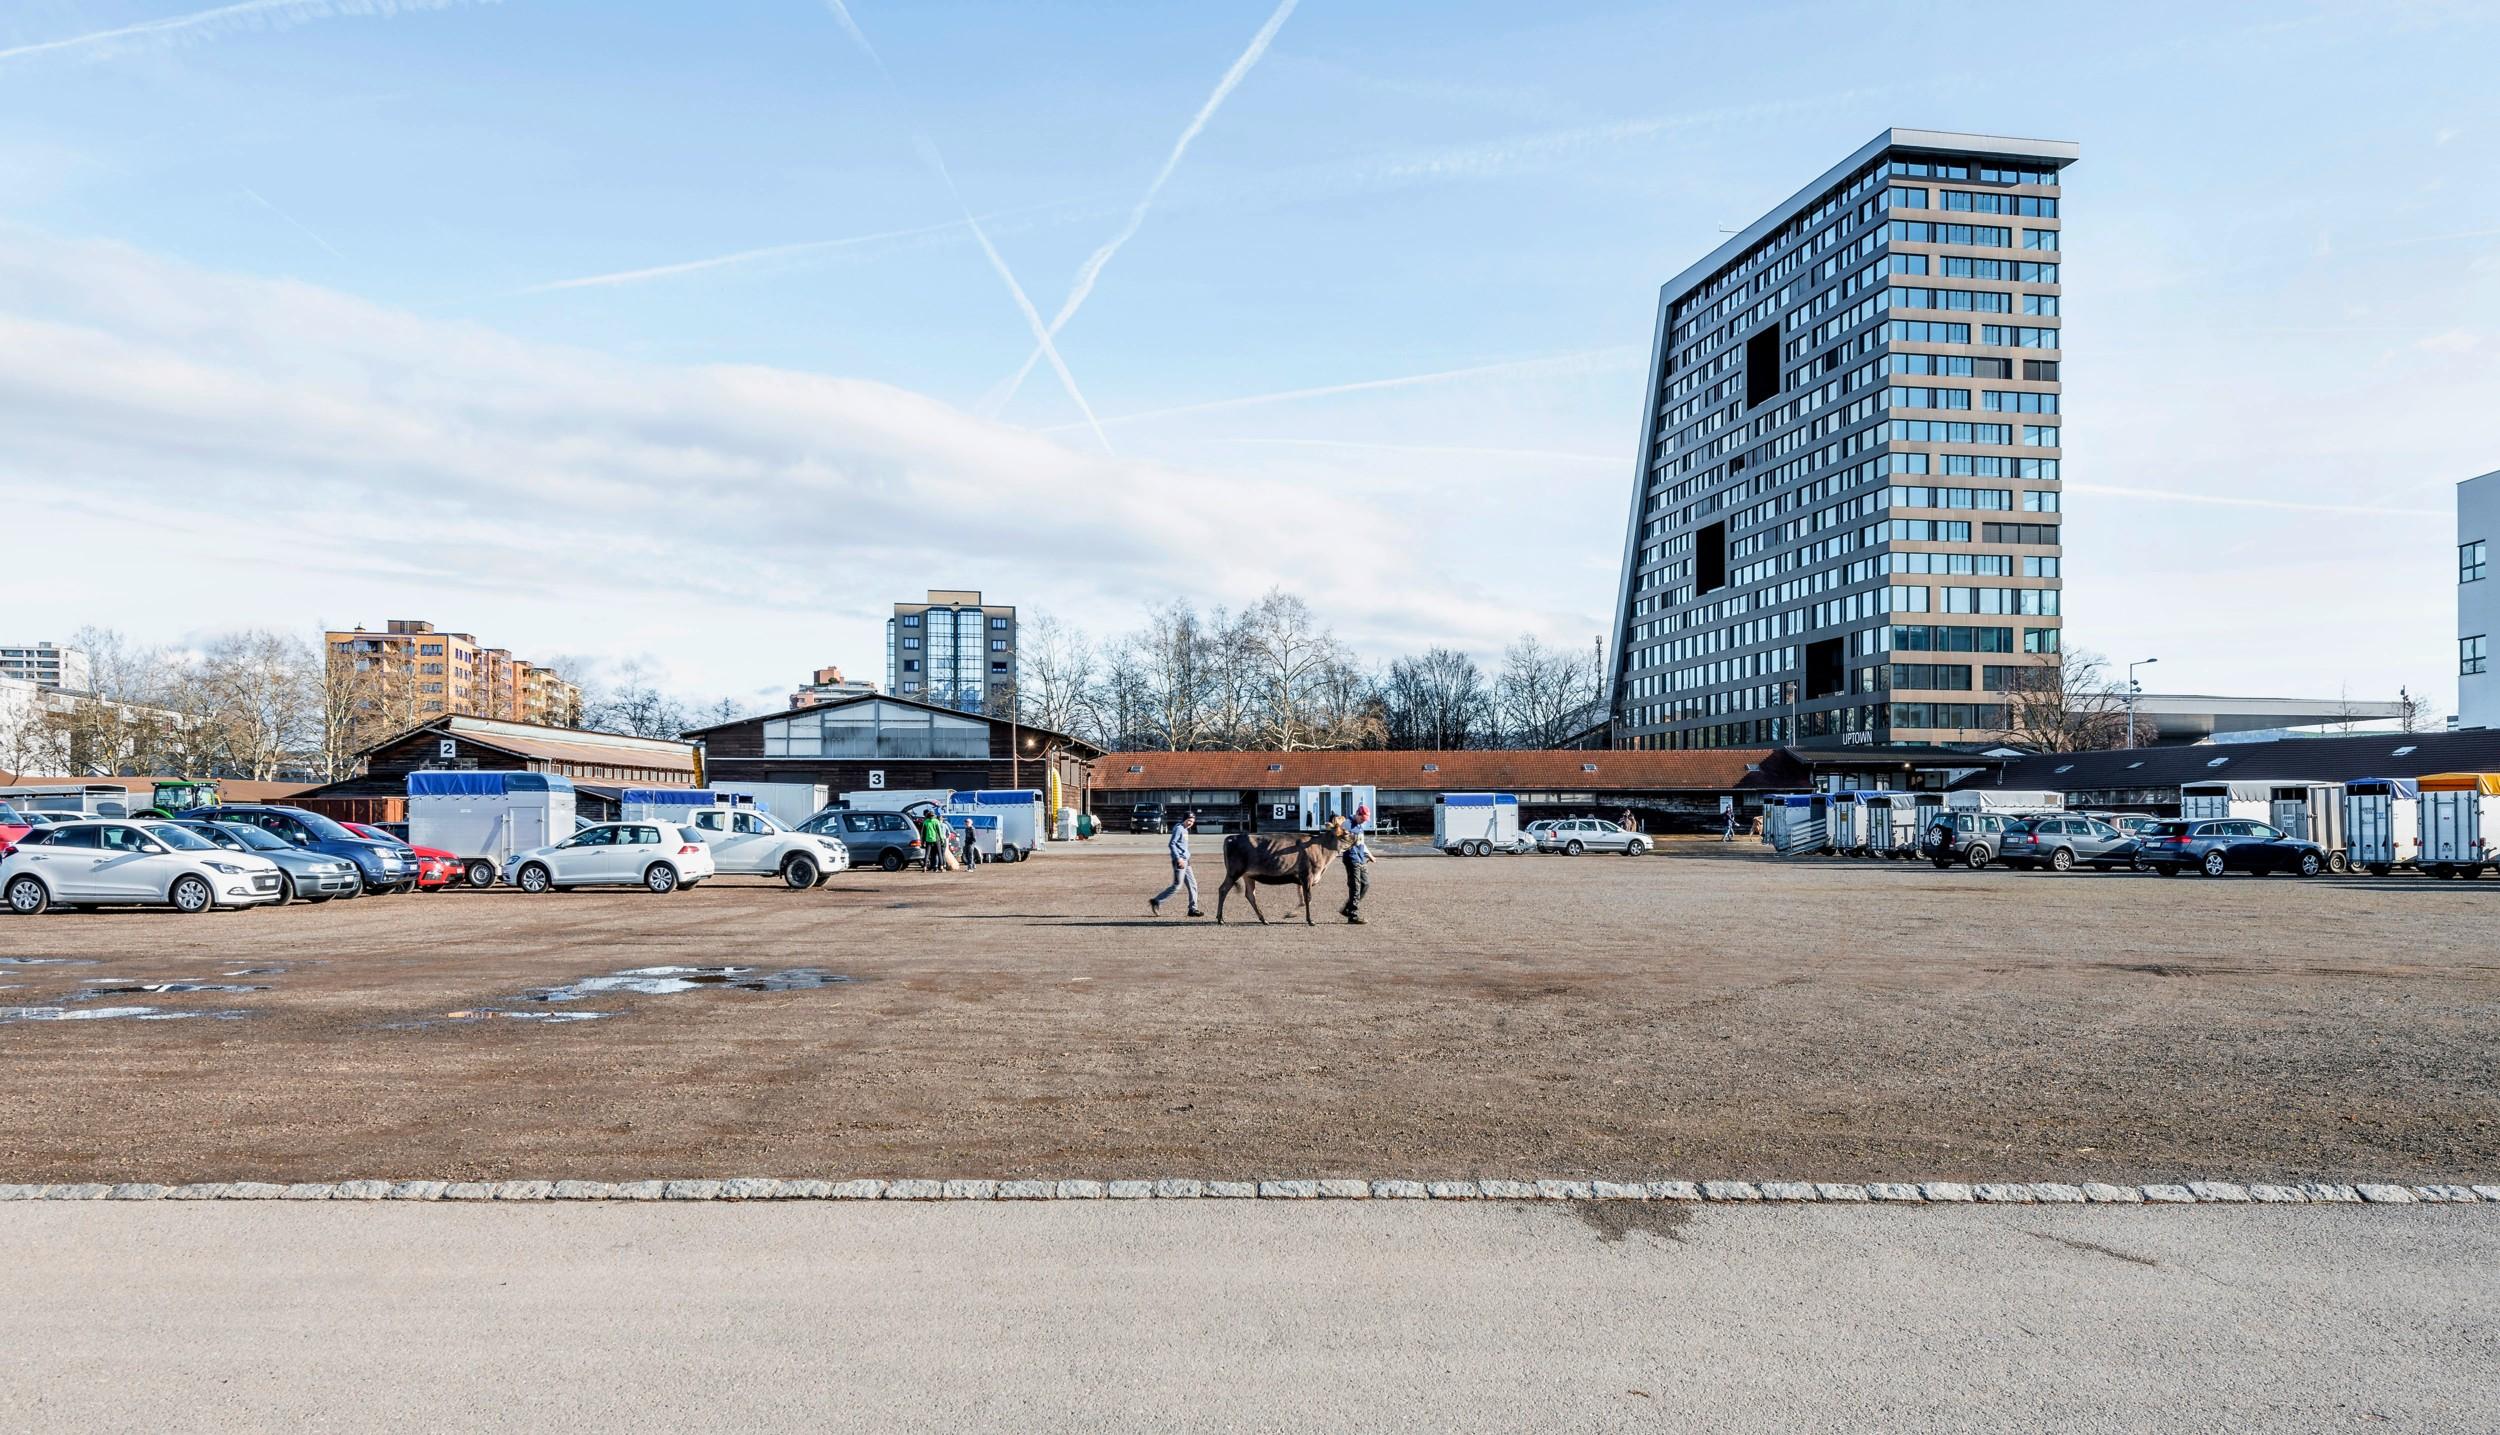 Stierenmarktareal in Zug